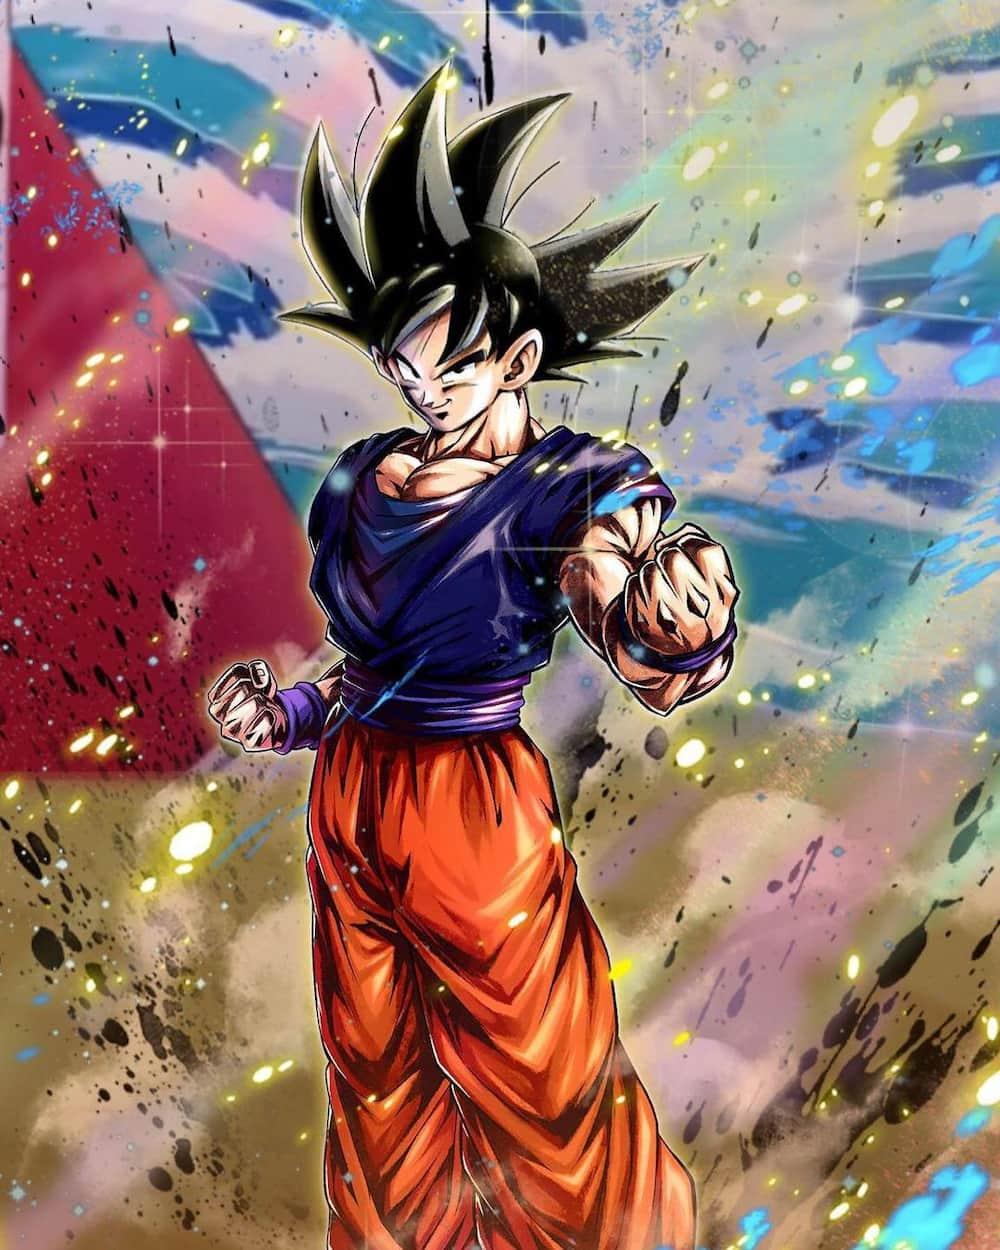 Hw old is Goku jr